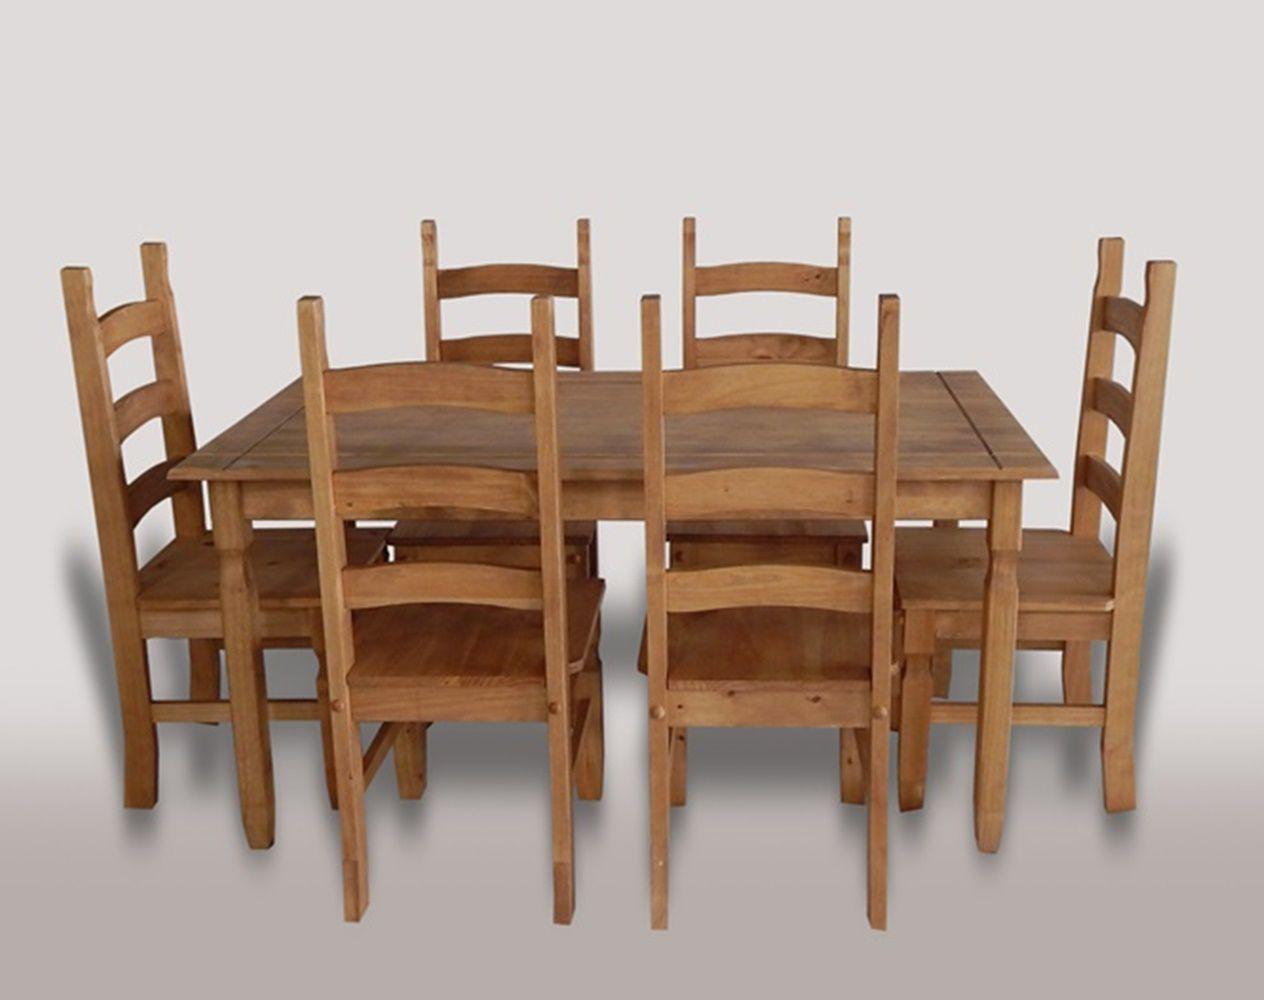 Mesa Rústica, Tamanho (150 X 80cm) Com 6 Cadeiras - Madeira Maciça